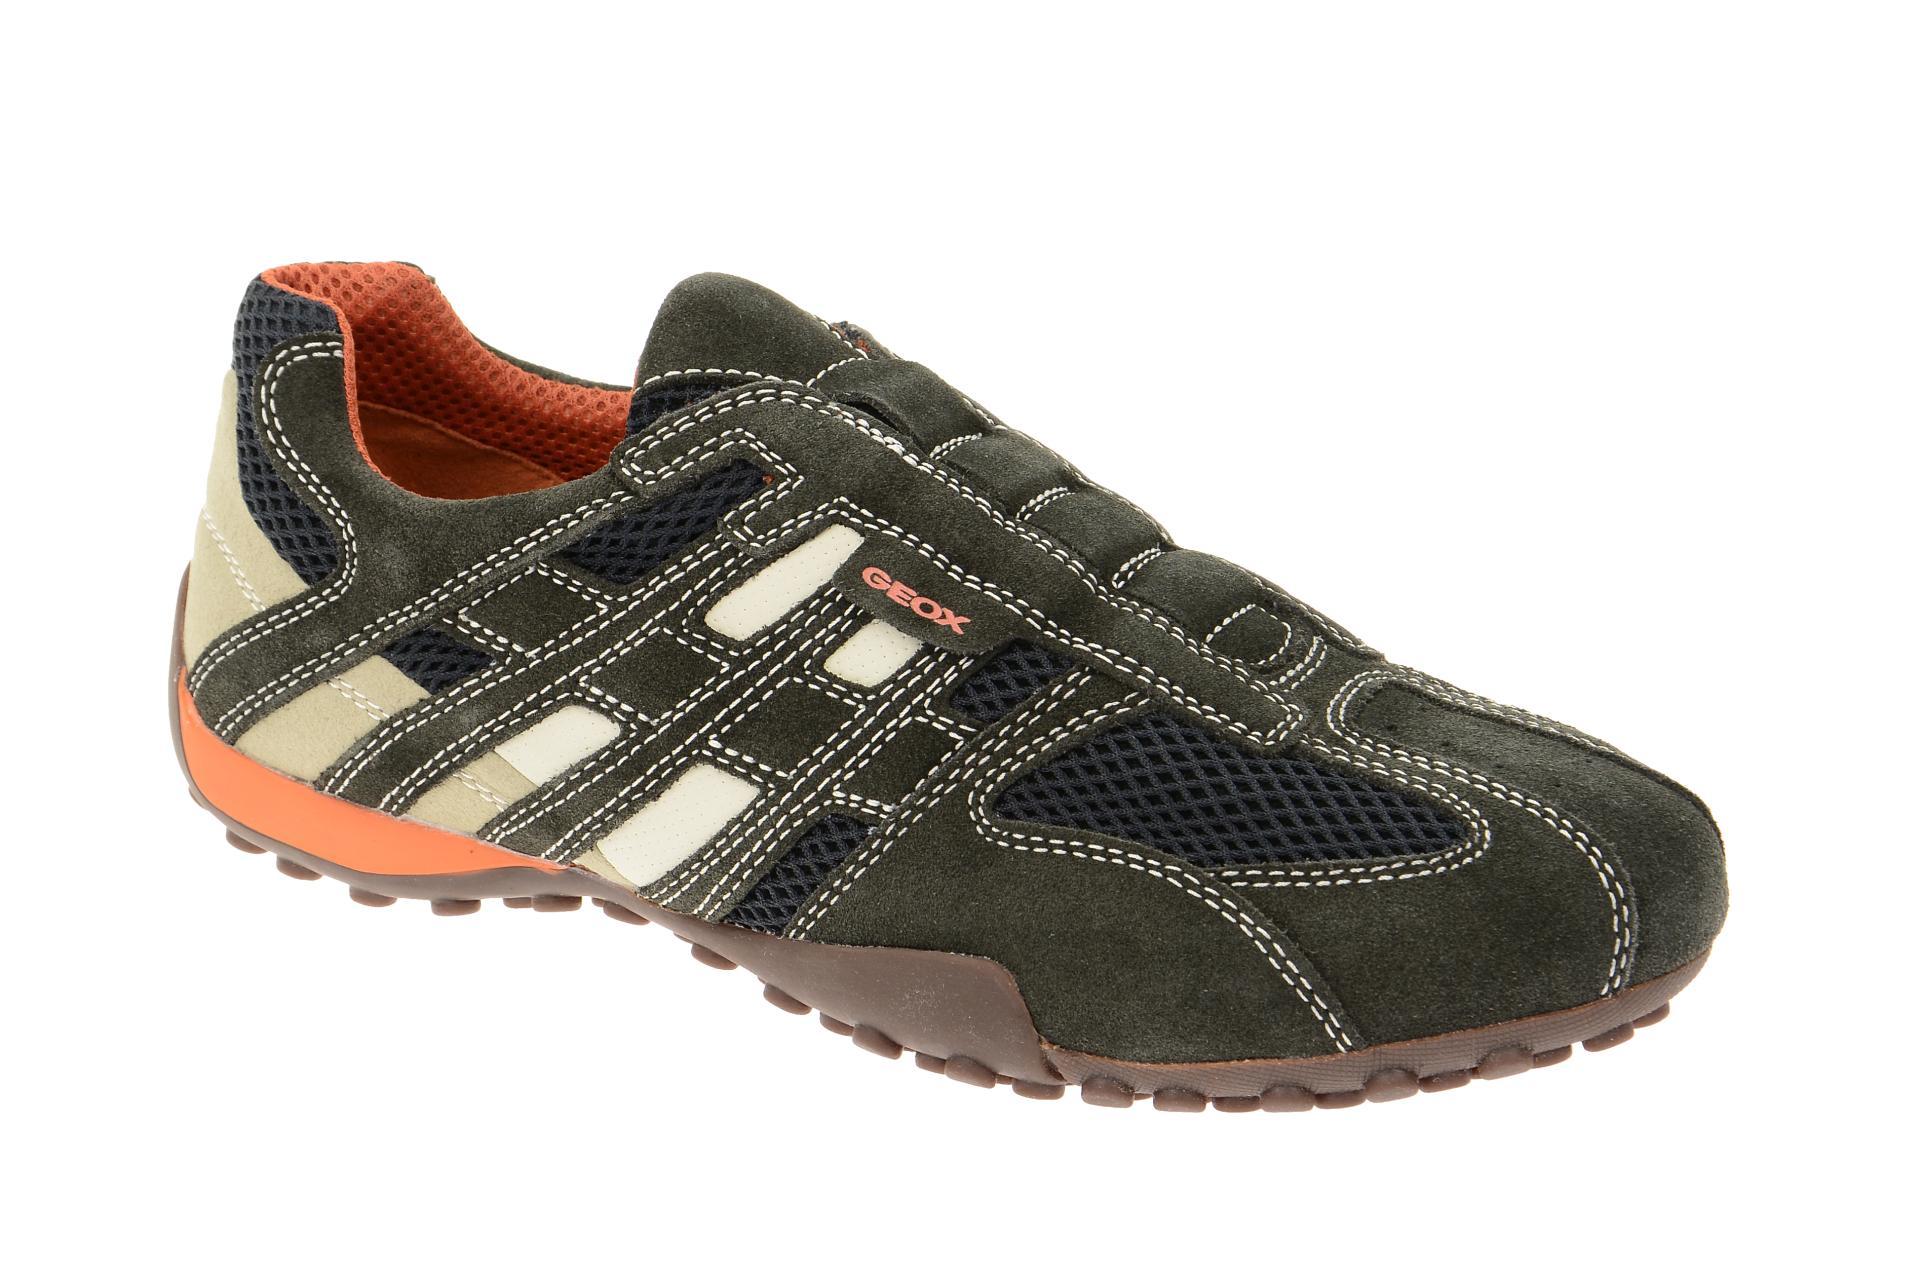 04d15a36208b26 Geox Schuhe SNAKE grau Herrenschuhe sportliche Slipper U4207L 02214 C1300  NEU